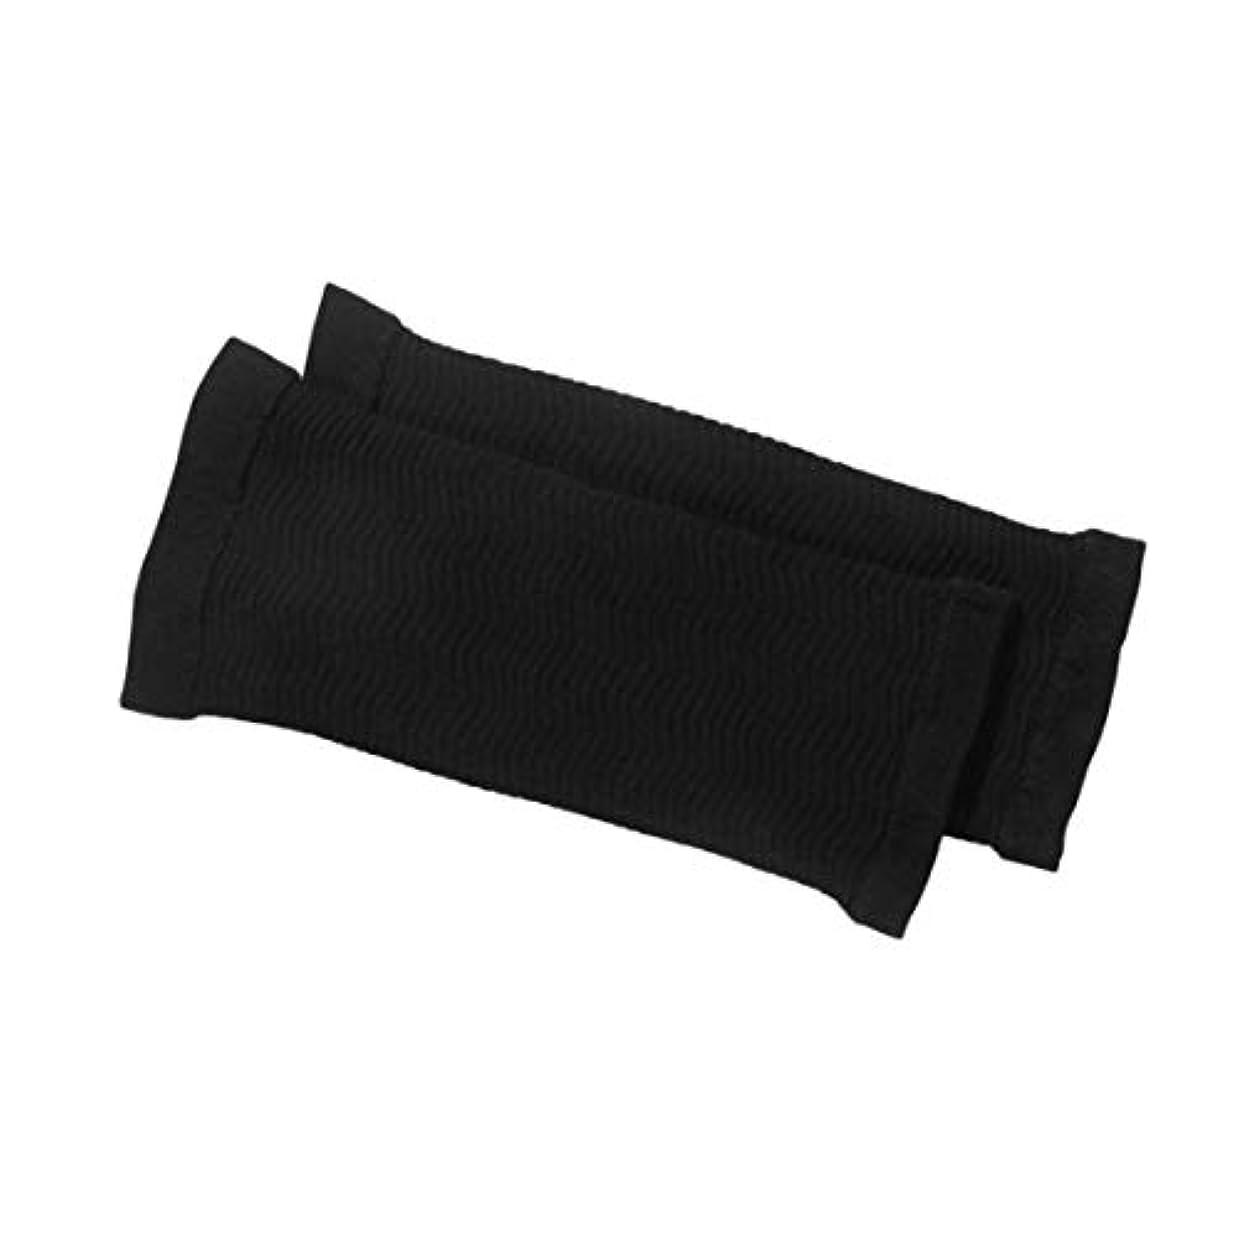 並外れて喜ぶ仕方1ペア420 D圧縮痩身アームスリーブワークアウトトーニングバーンセルライトシェイパー脂肪燃焼袖用女性 - 黒